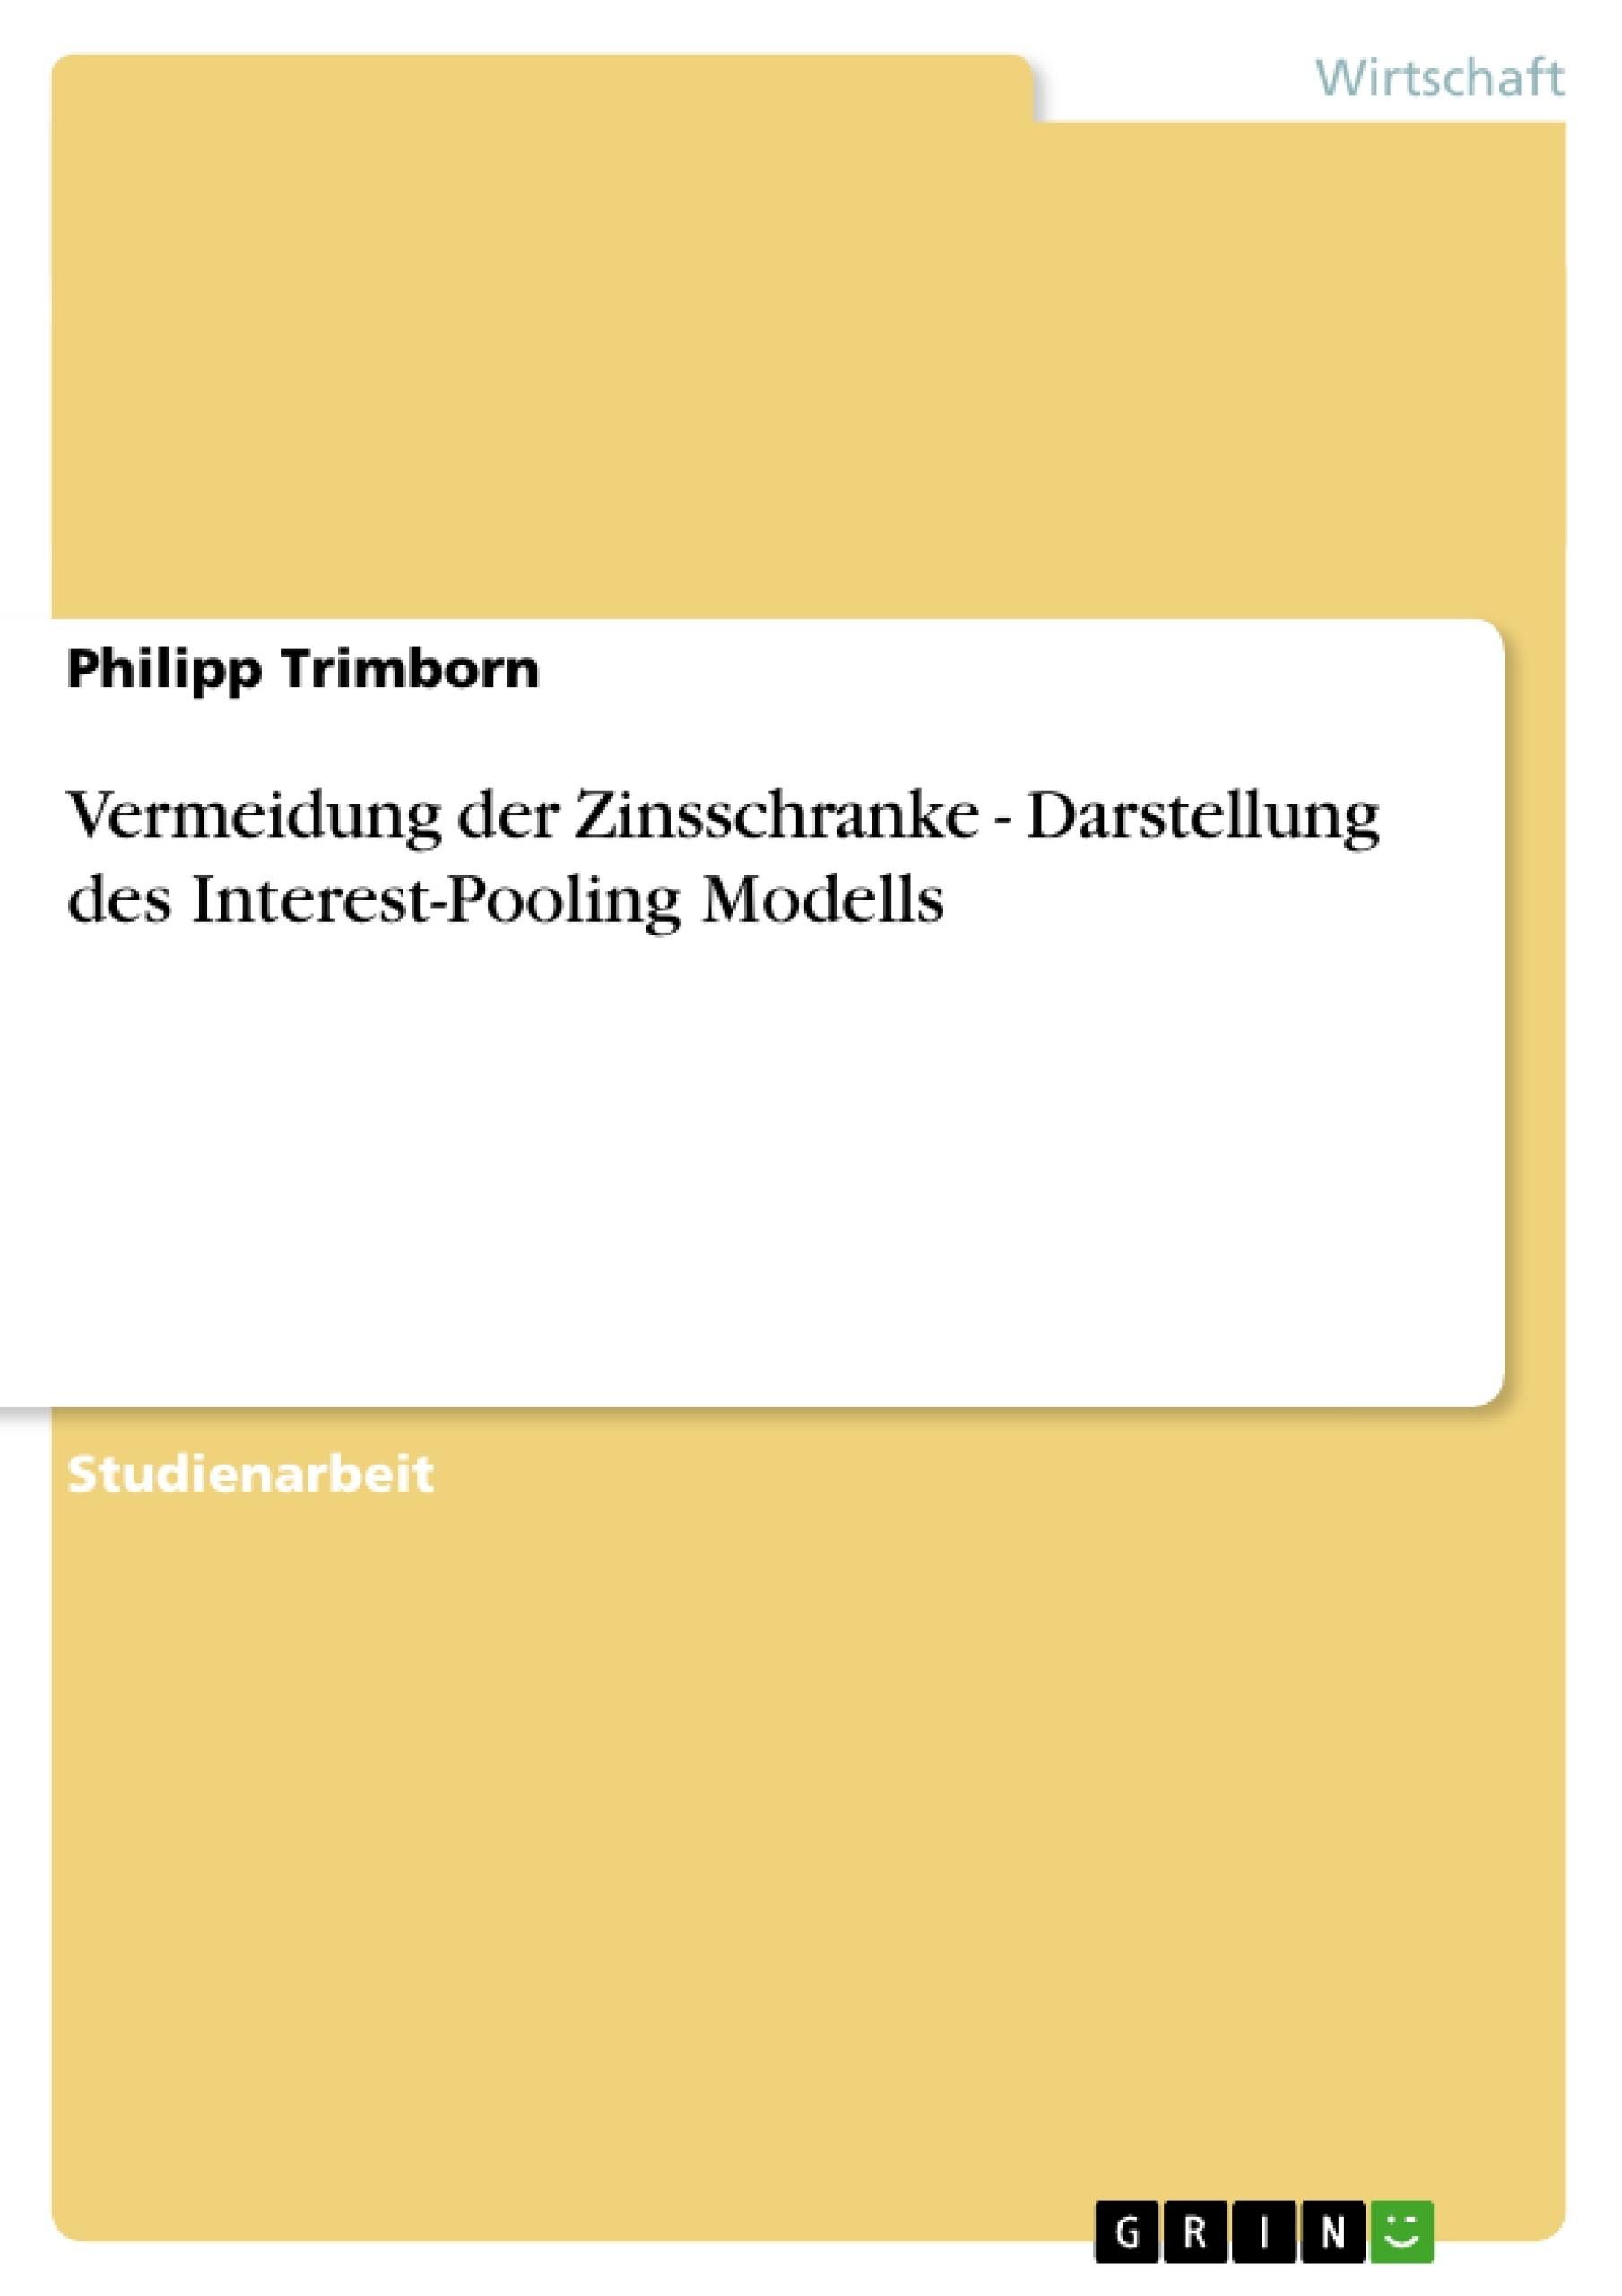 Titel: Vermeidung der Zinsschranke - Darstellung des Interest-Pooling Modells